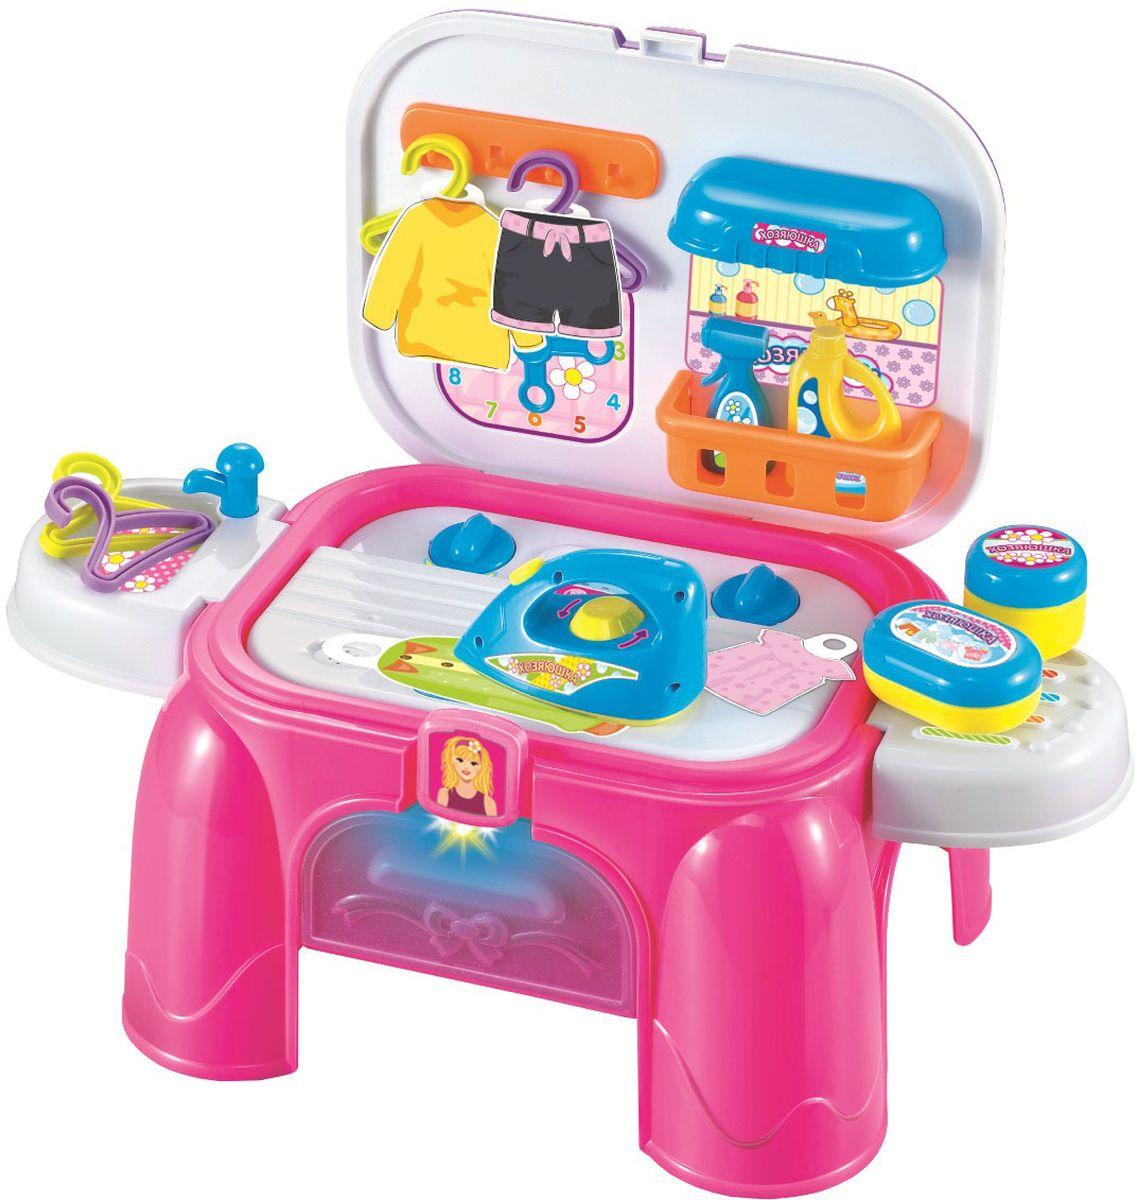 1TOY Игровой набор Профи Хозяюшка 2 в 1 - Сюжетно-ролевые игрушки